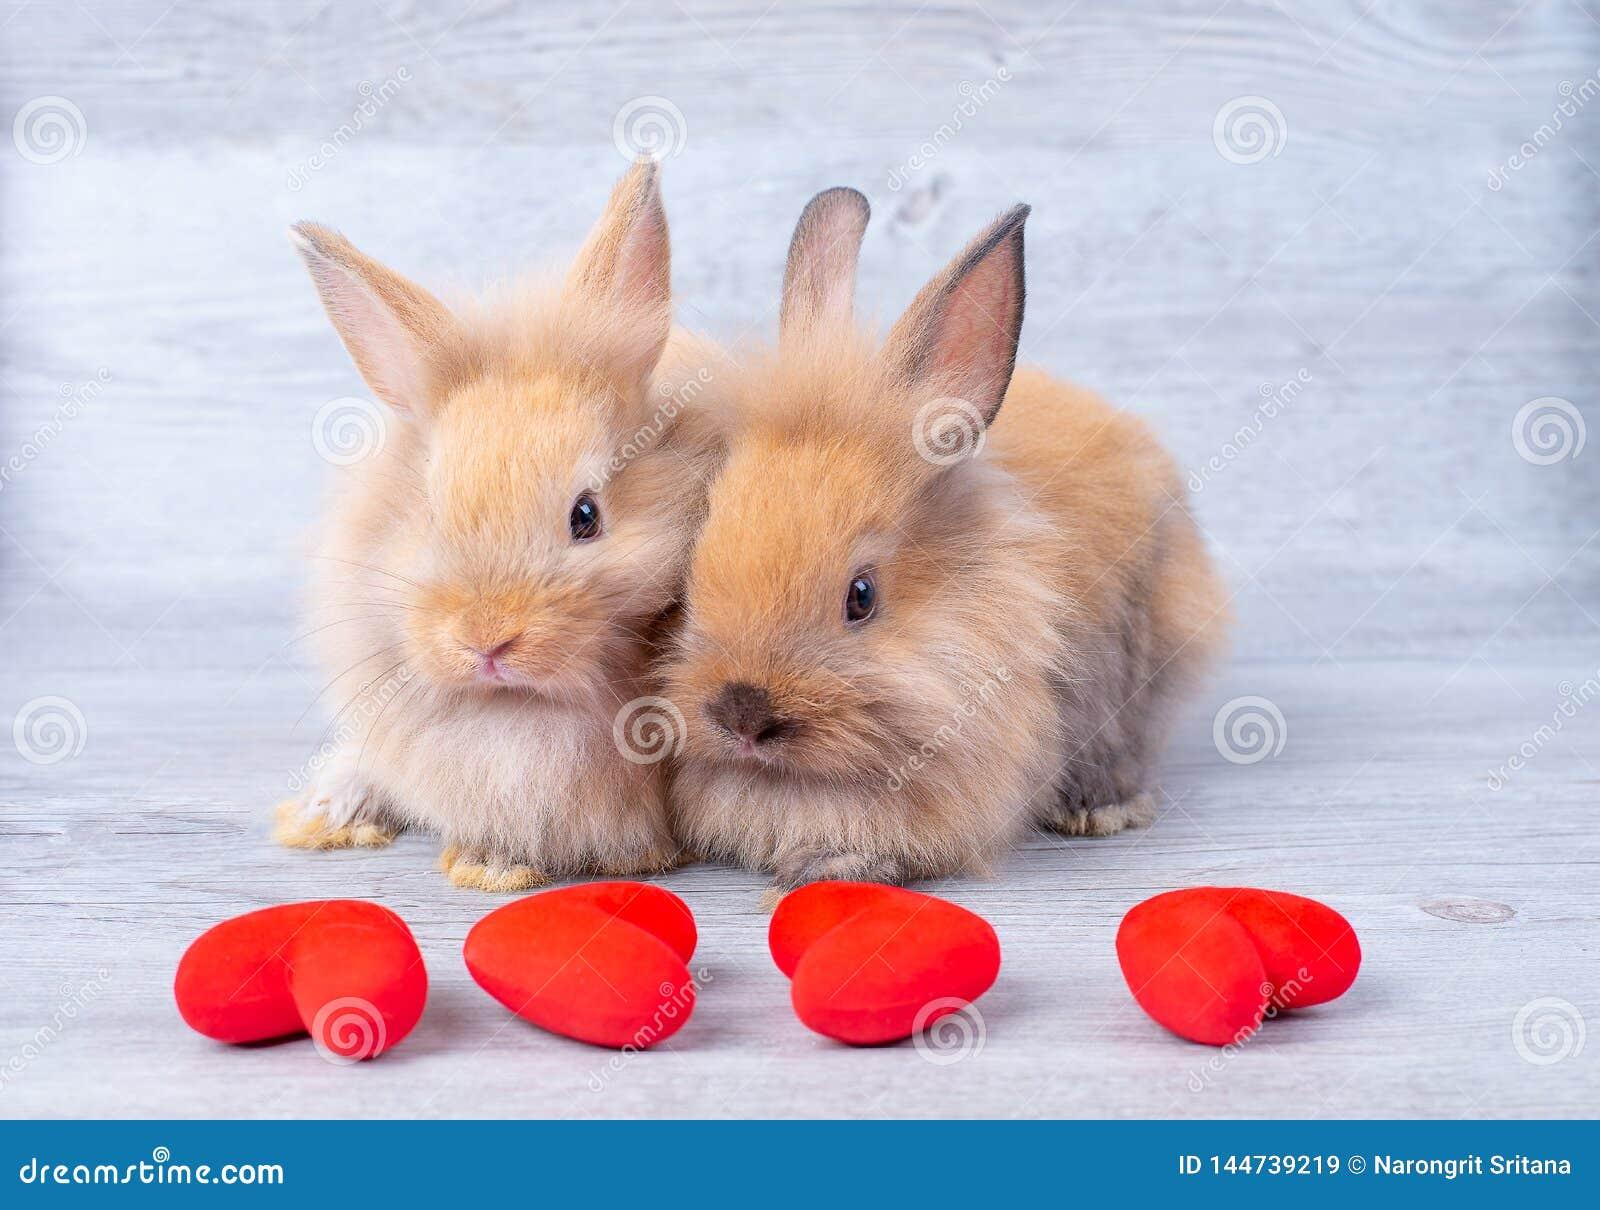 Acople a luz pequena - coelhos de coelho marrons no fundo cinzento no tema do Valentim com mini coração na frente deles